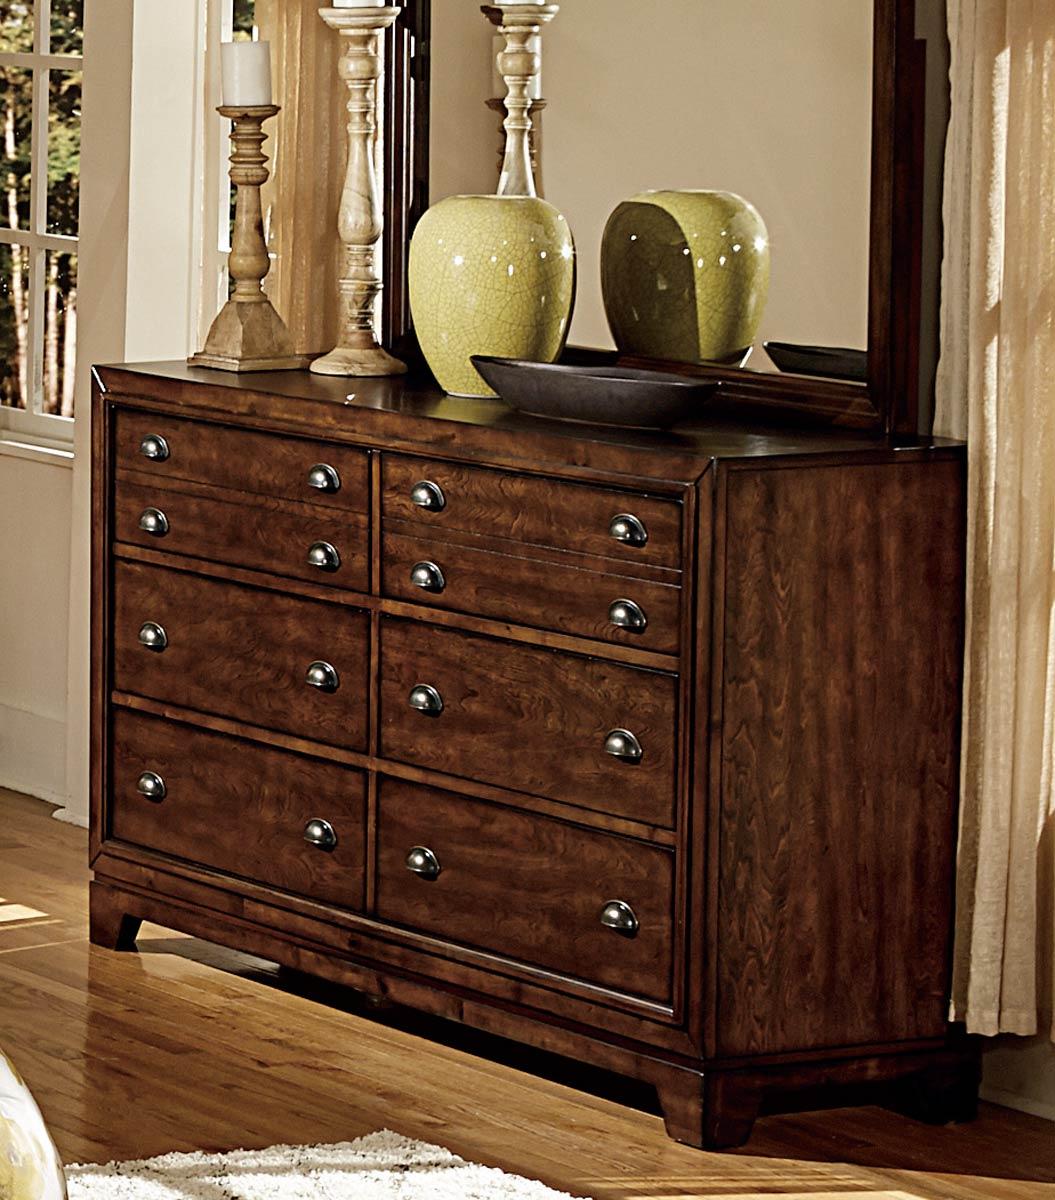 Homelegance Bernal Heights Dresser - Dark Walnut